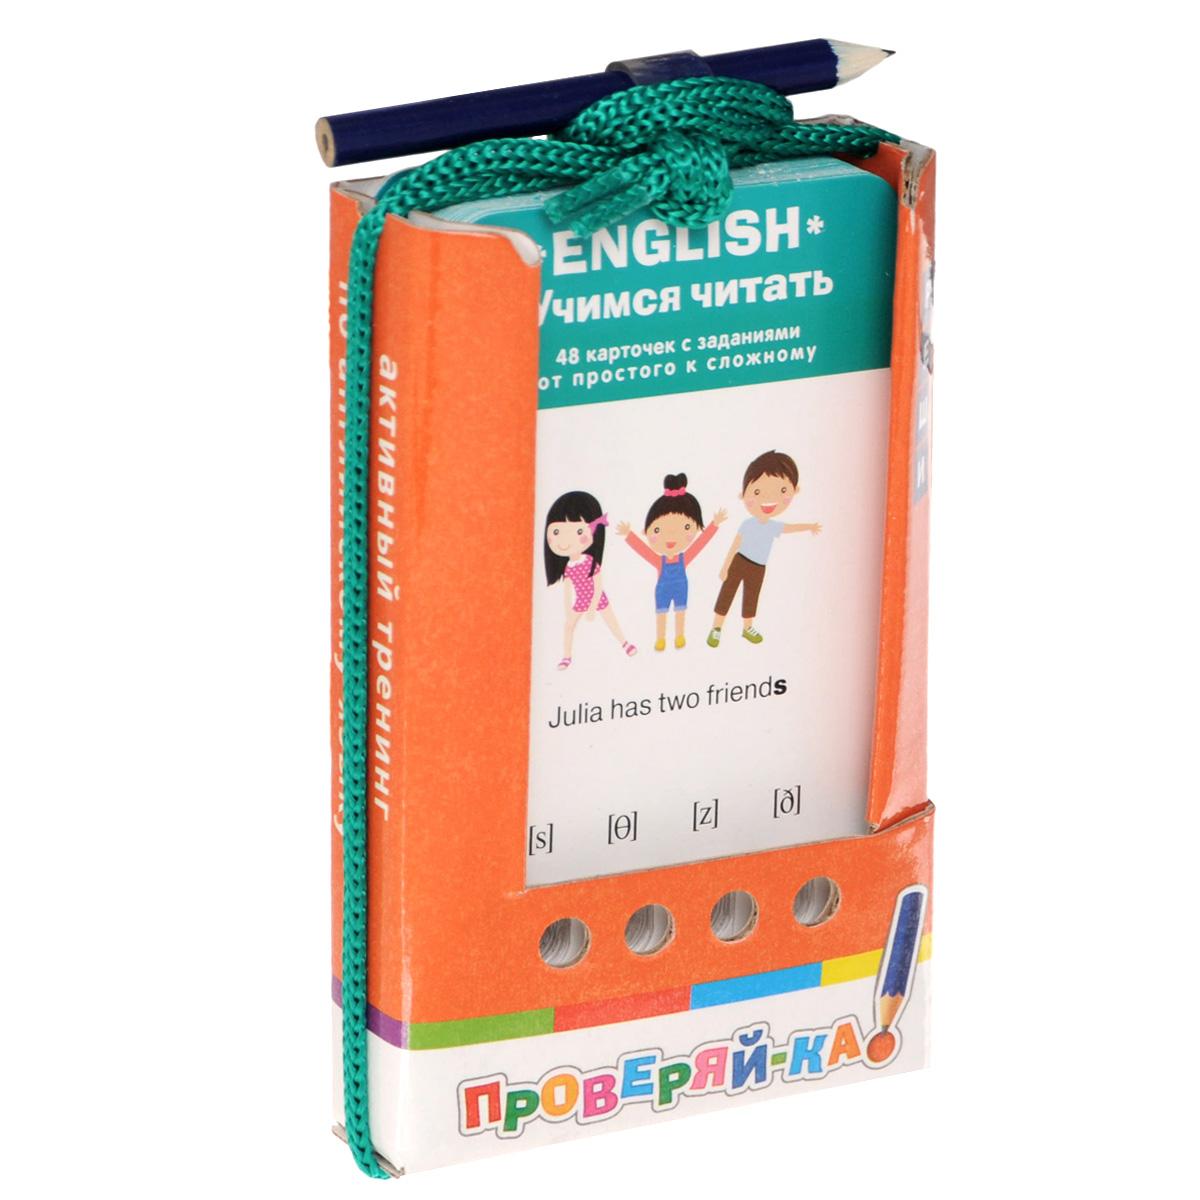 English. Учимся читать (набор из 48 карточек)